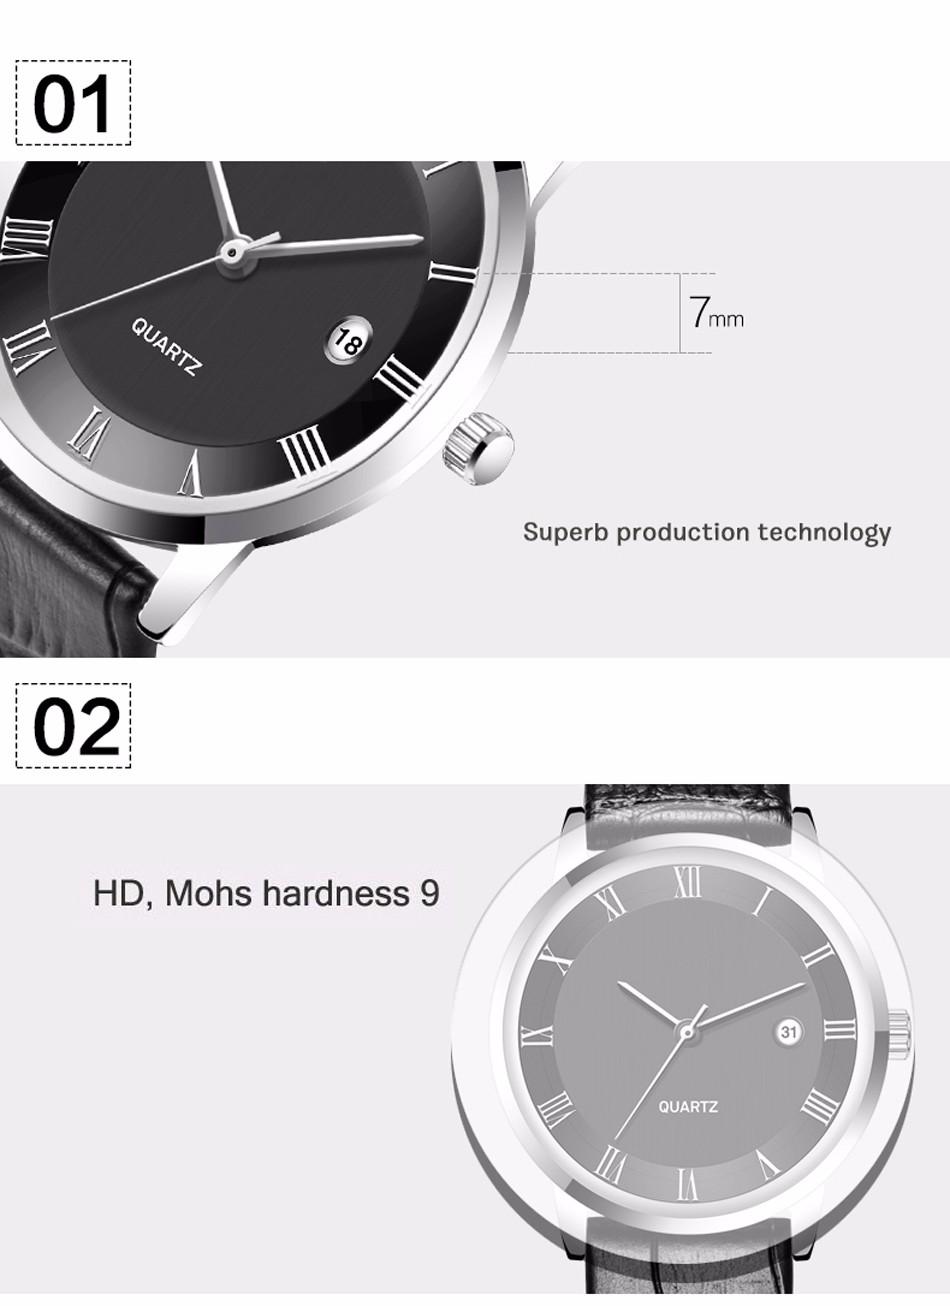 2016 Новый Бренд TTLIFE Кварцевые Часы Моды для Женщин, Тонкий 7 мм Мужские Часы Бизнес-мужские Часы Лучший Бренд Класса Люкс кварцевые-часы Часы